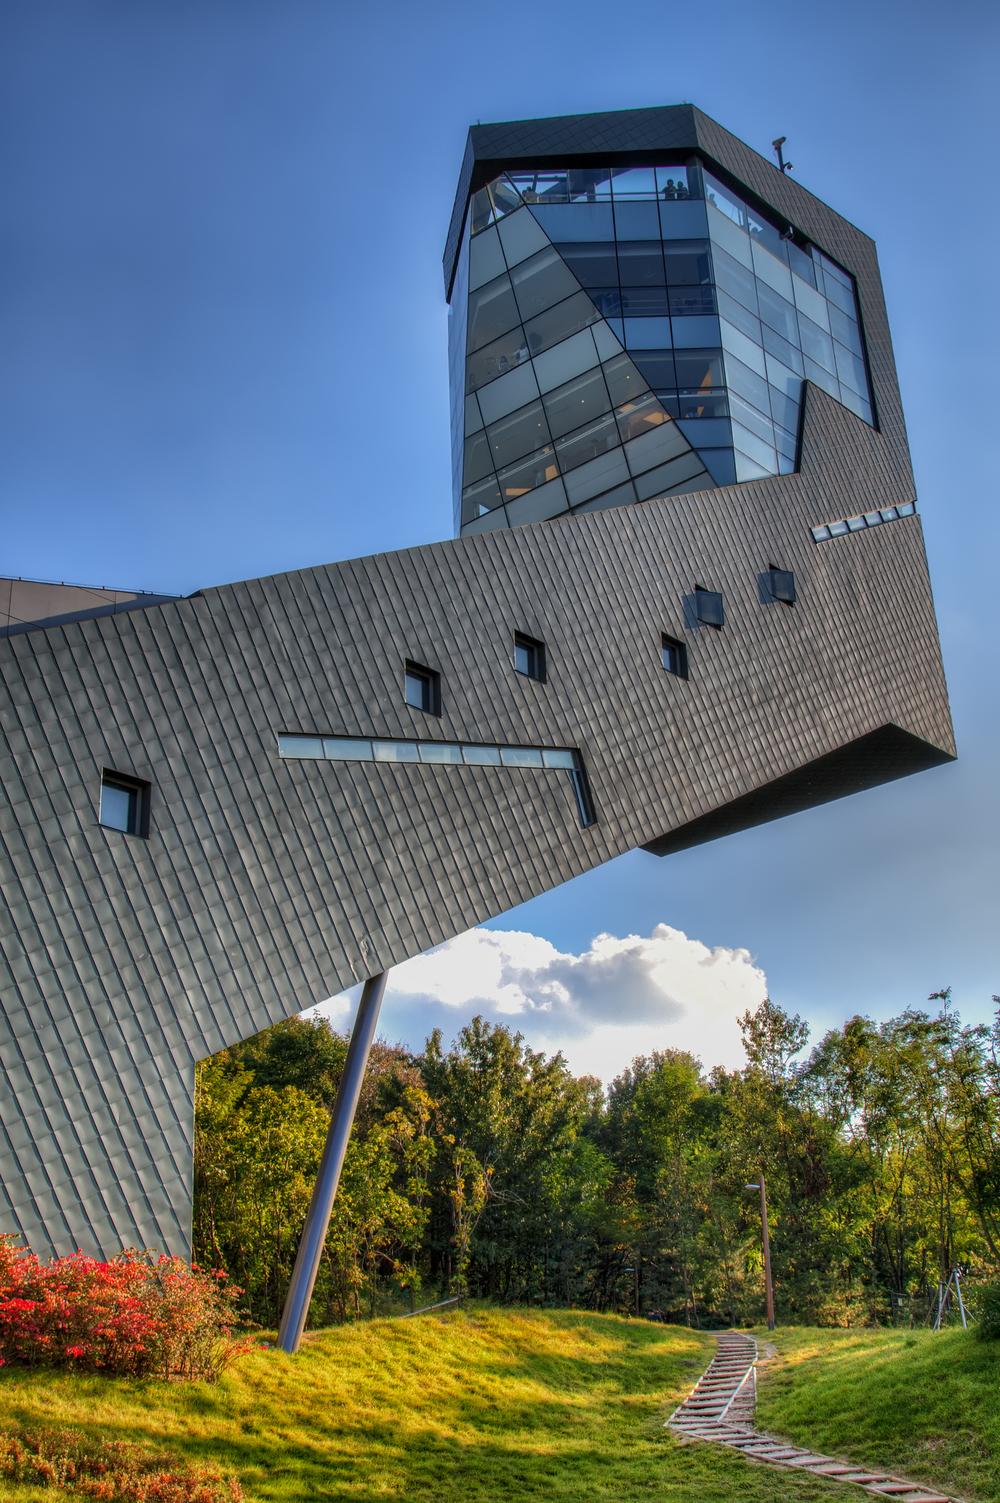 The IRIS Tower